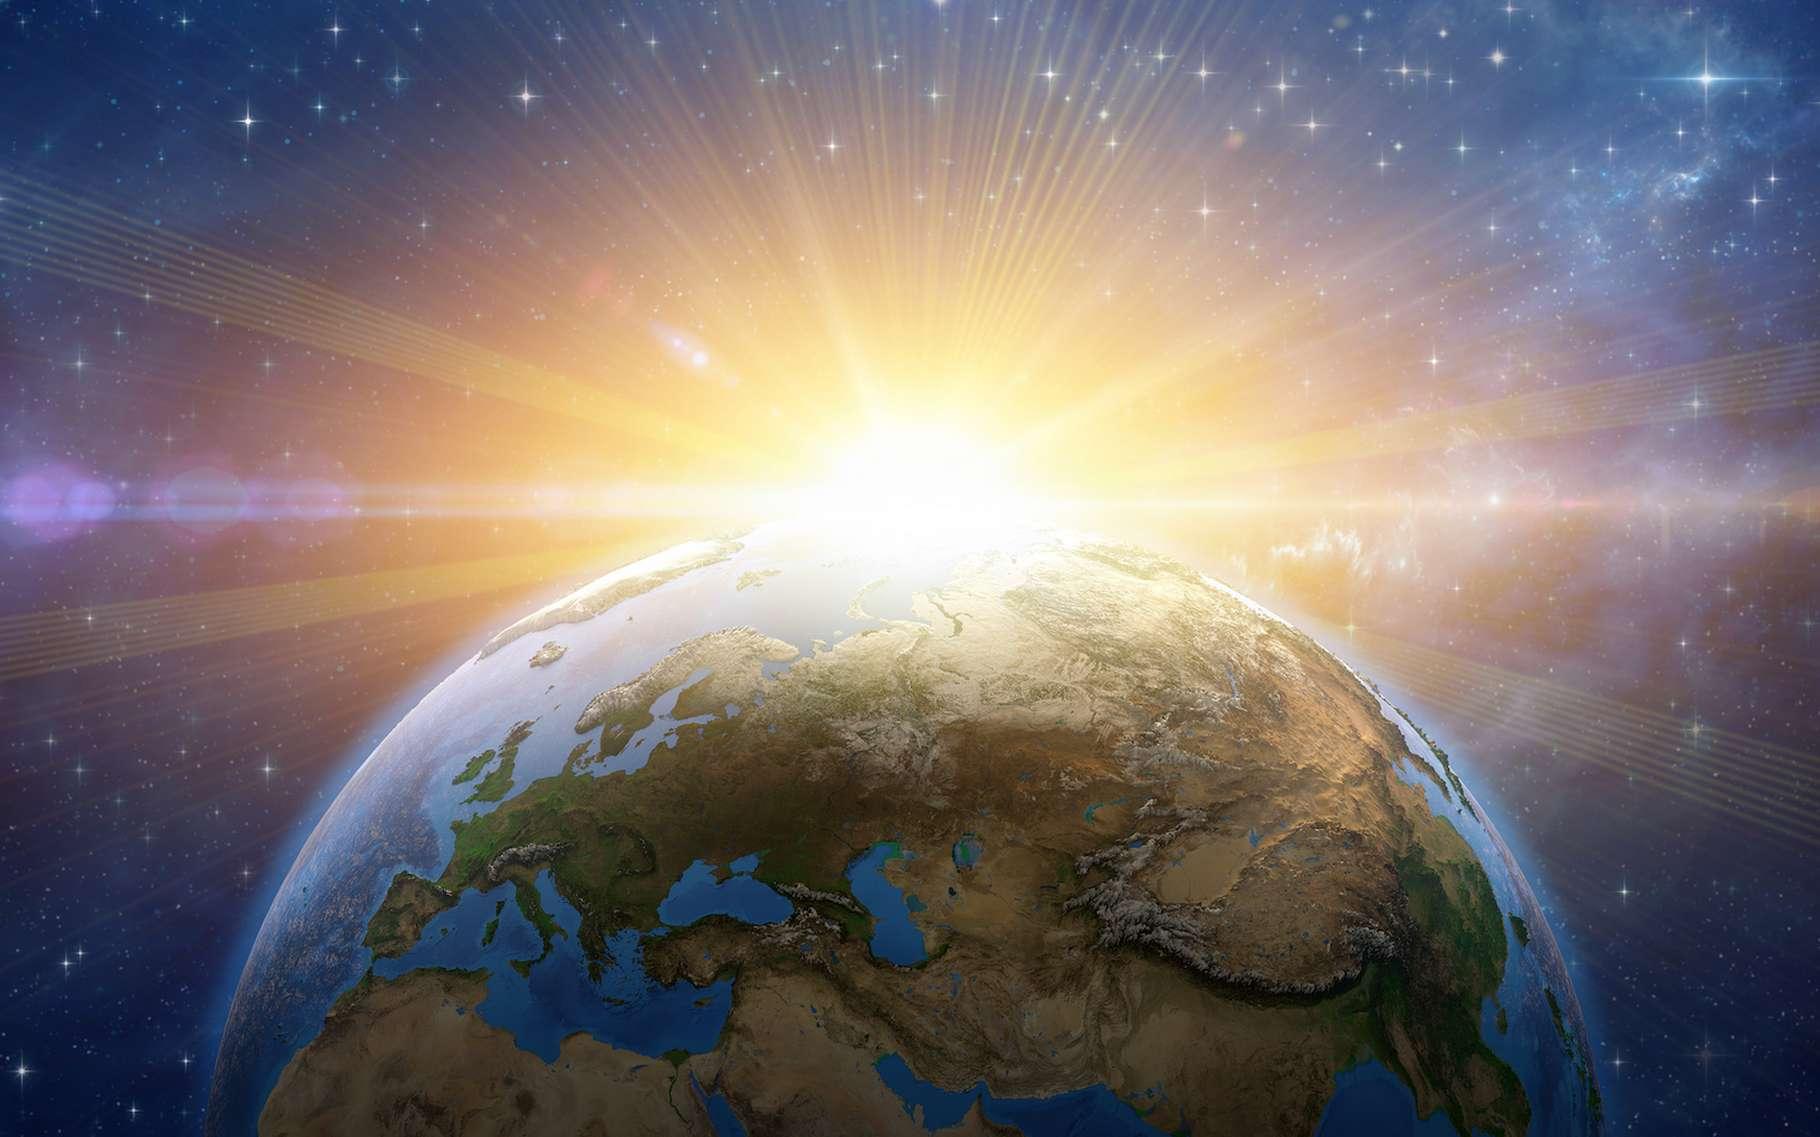 L'Europe vient de connaître son mois d'octobre le plus chaud jamais enregistré. © mozZz, Adobe Stock